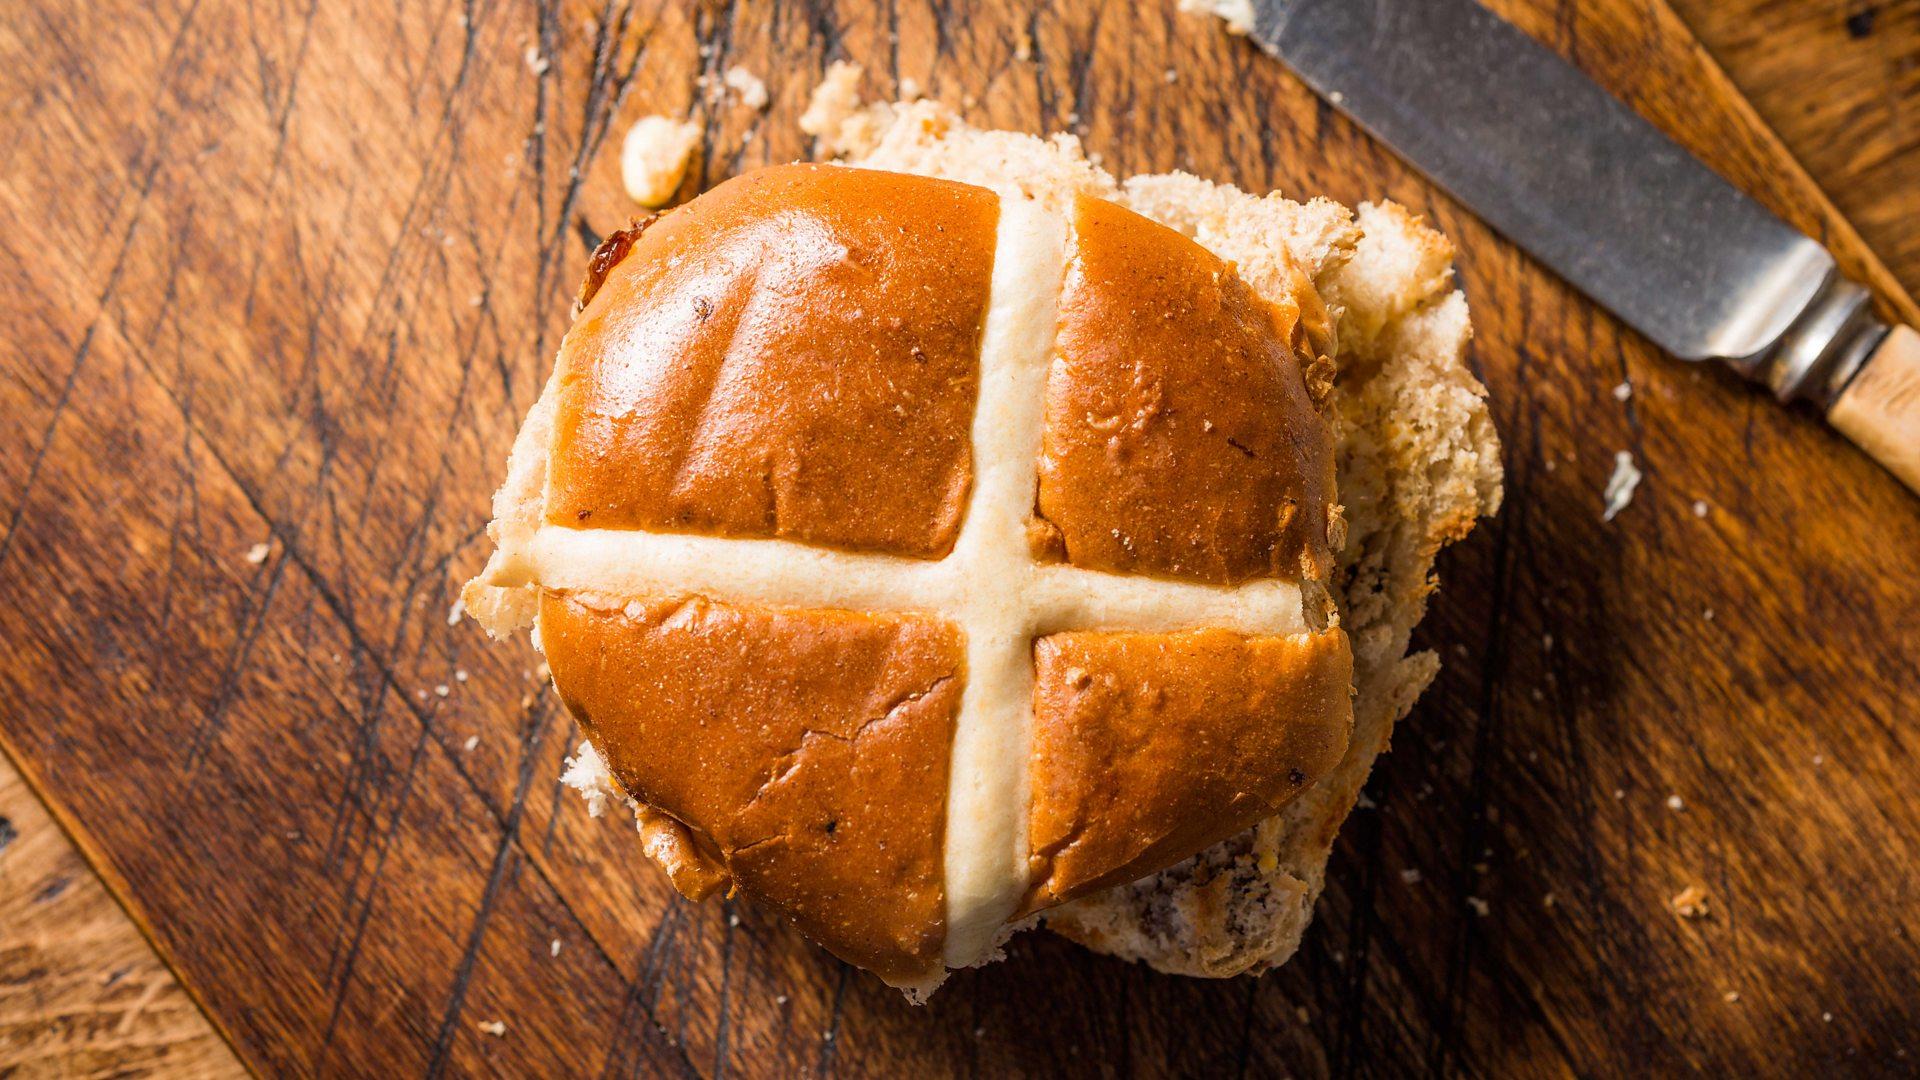 Simboli i vezëve dhe ringjalljes, çfarë mund të mësojmë të gjithë nga Pashkët